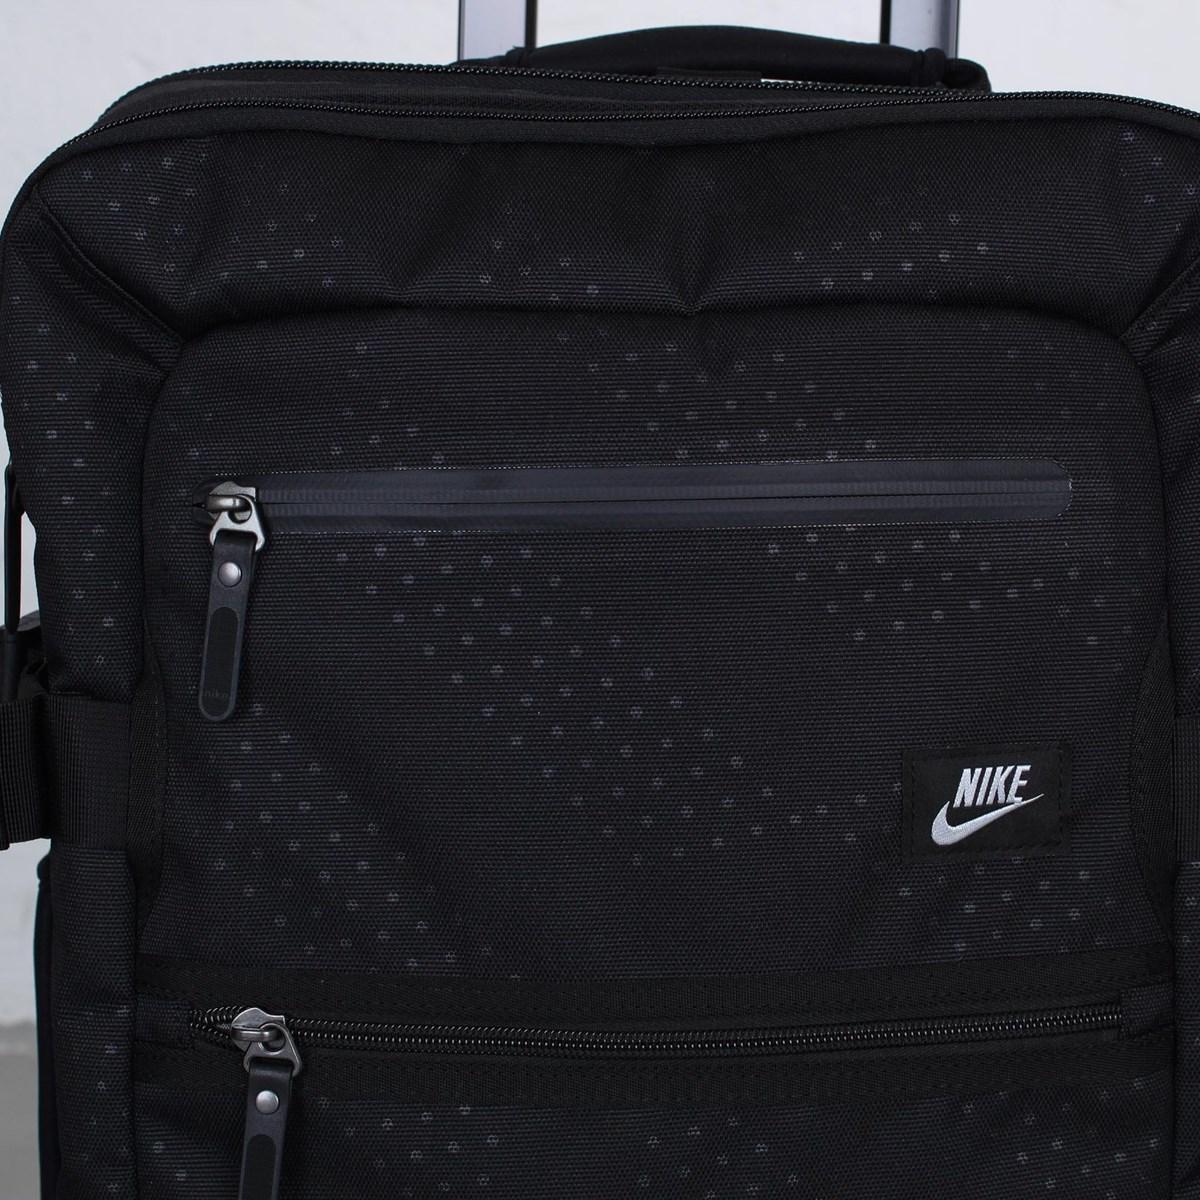 Nike FiftyOne49 Cabin Roller - BA4411-030 - Sneakersnstuff ... 524900f111cdc